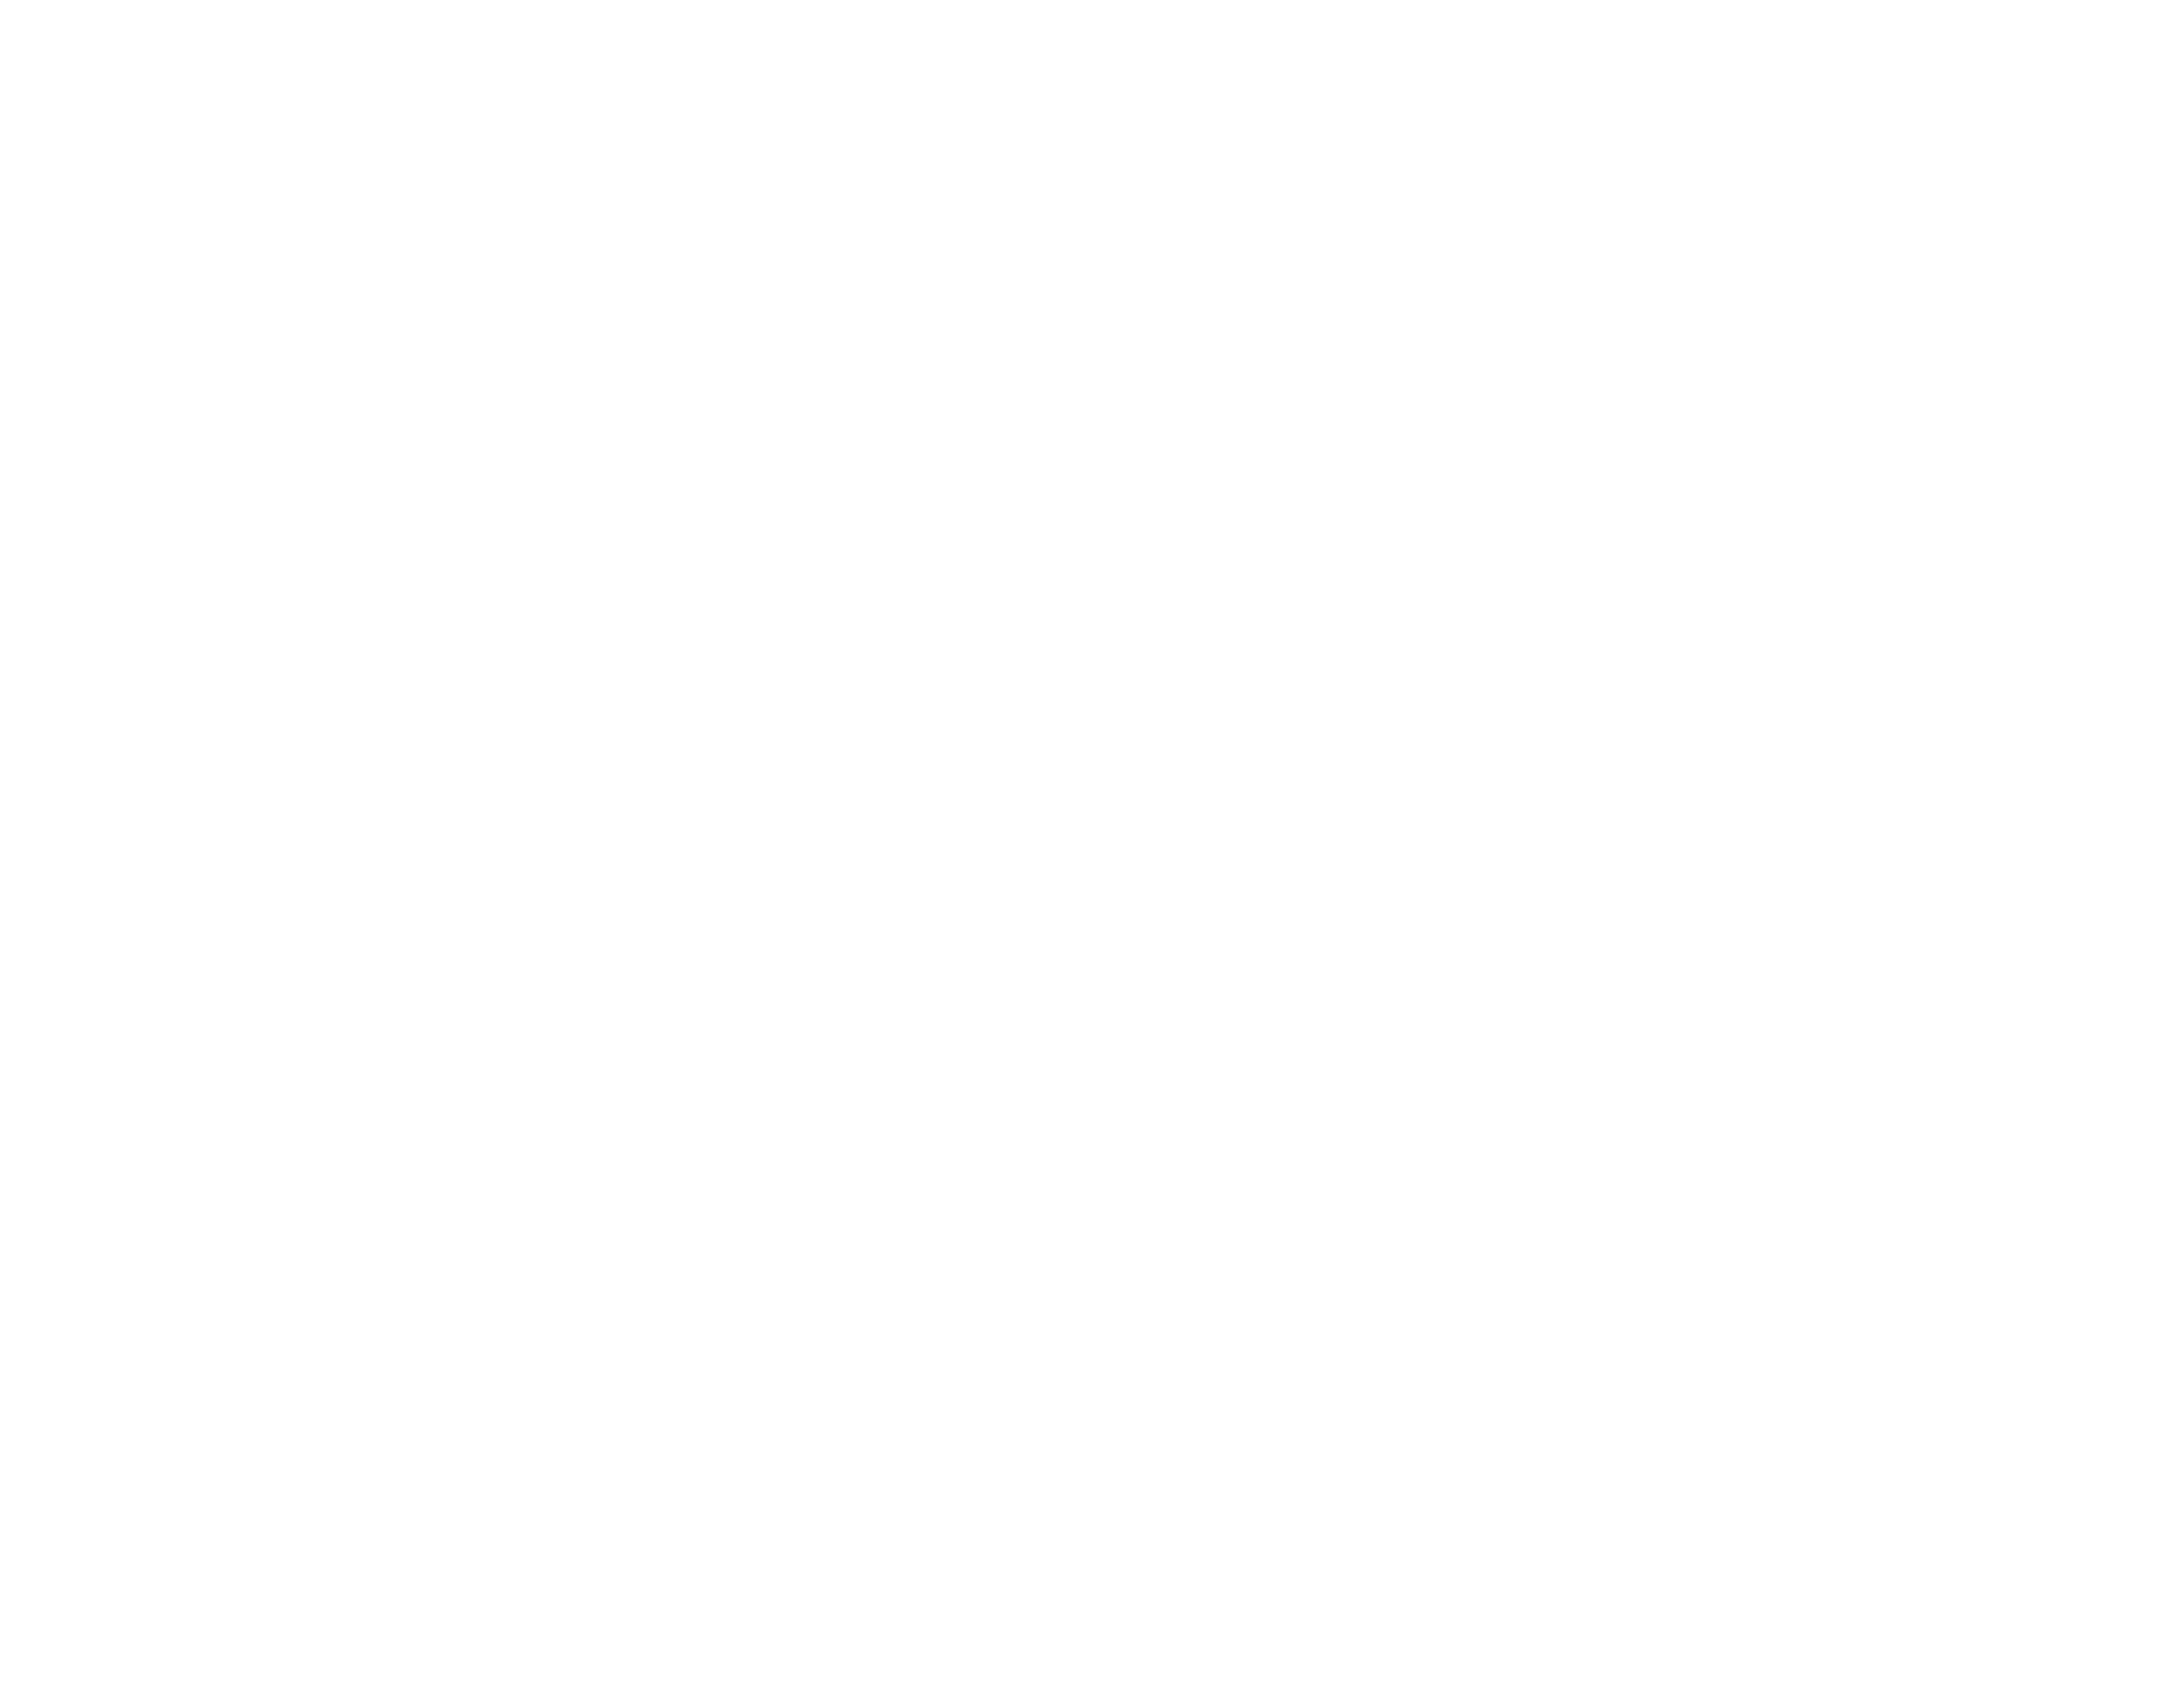 NOLITA_Text-F2-05